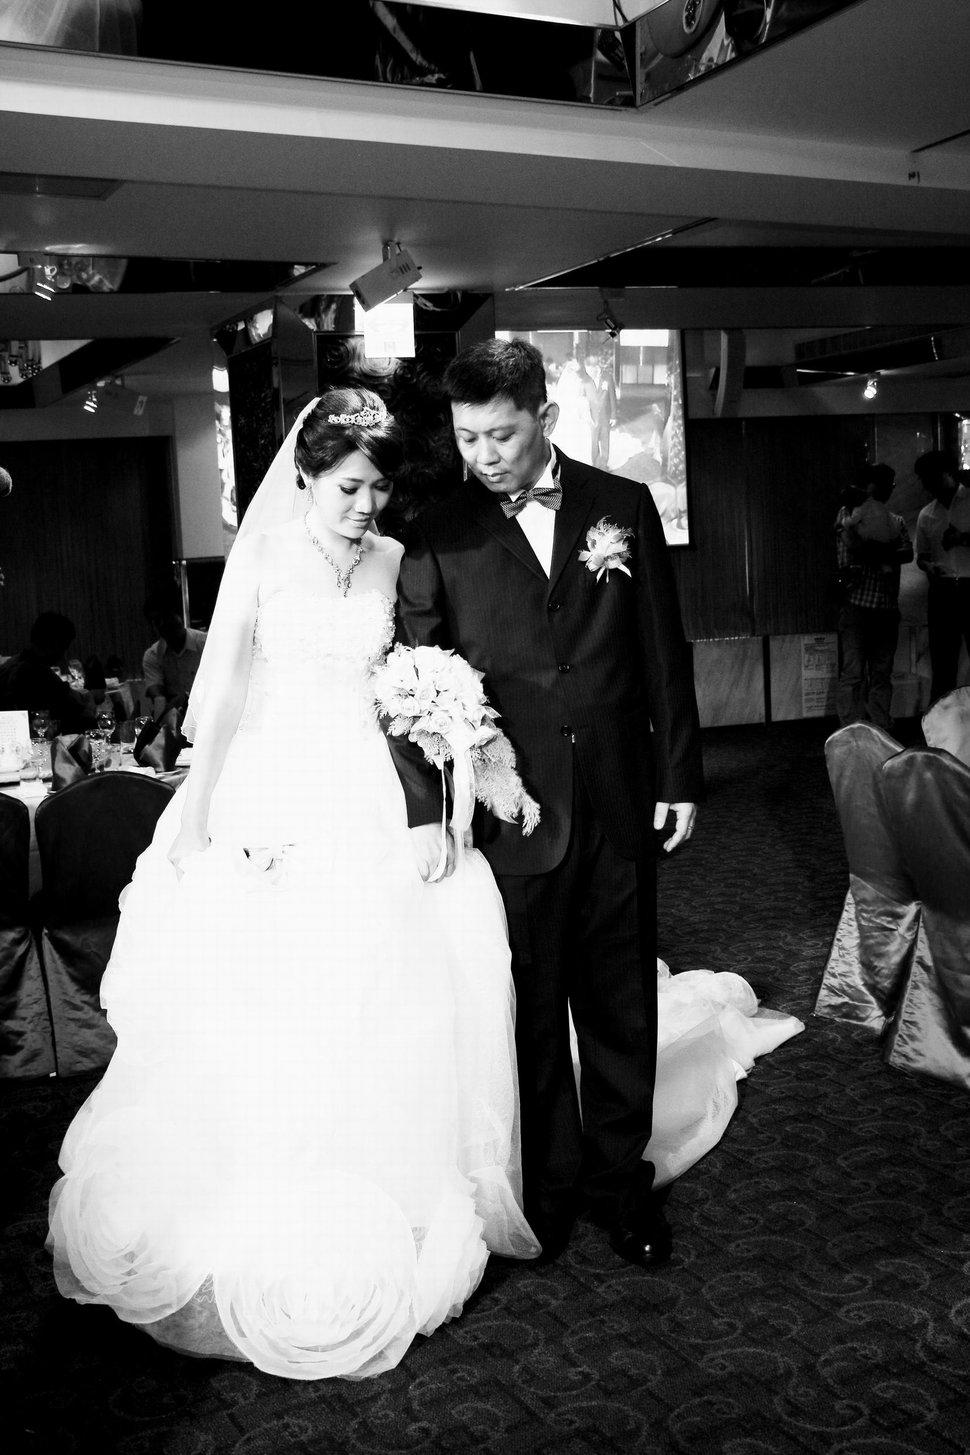 板橋吉立定結餐廳迎娶文定婚禮記錄結婚迎娶婚禮攝影動態微電影錄影專業錄影平面攝影影婚禮主持人(編號:197042) - 蜜月拍照10800錄影12800攝影團隊 - 結婚吧